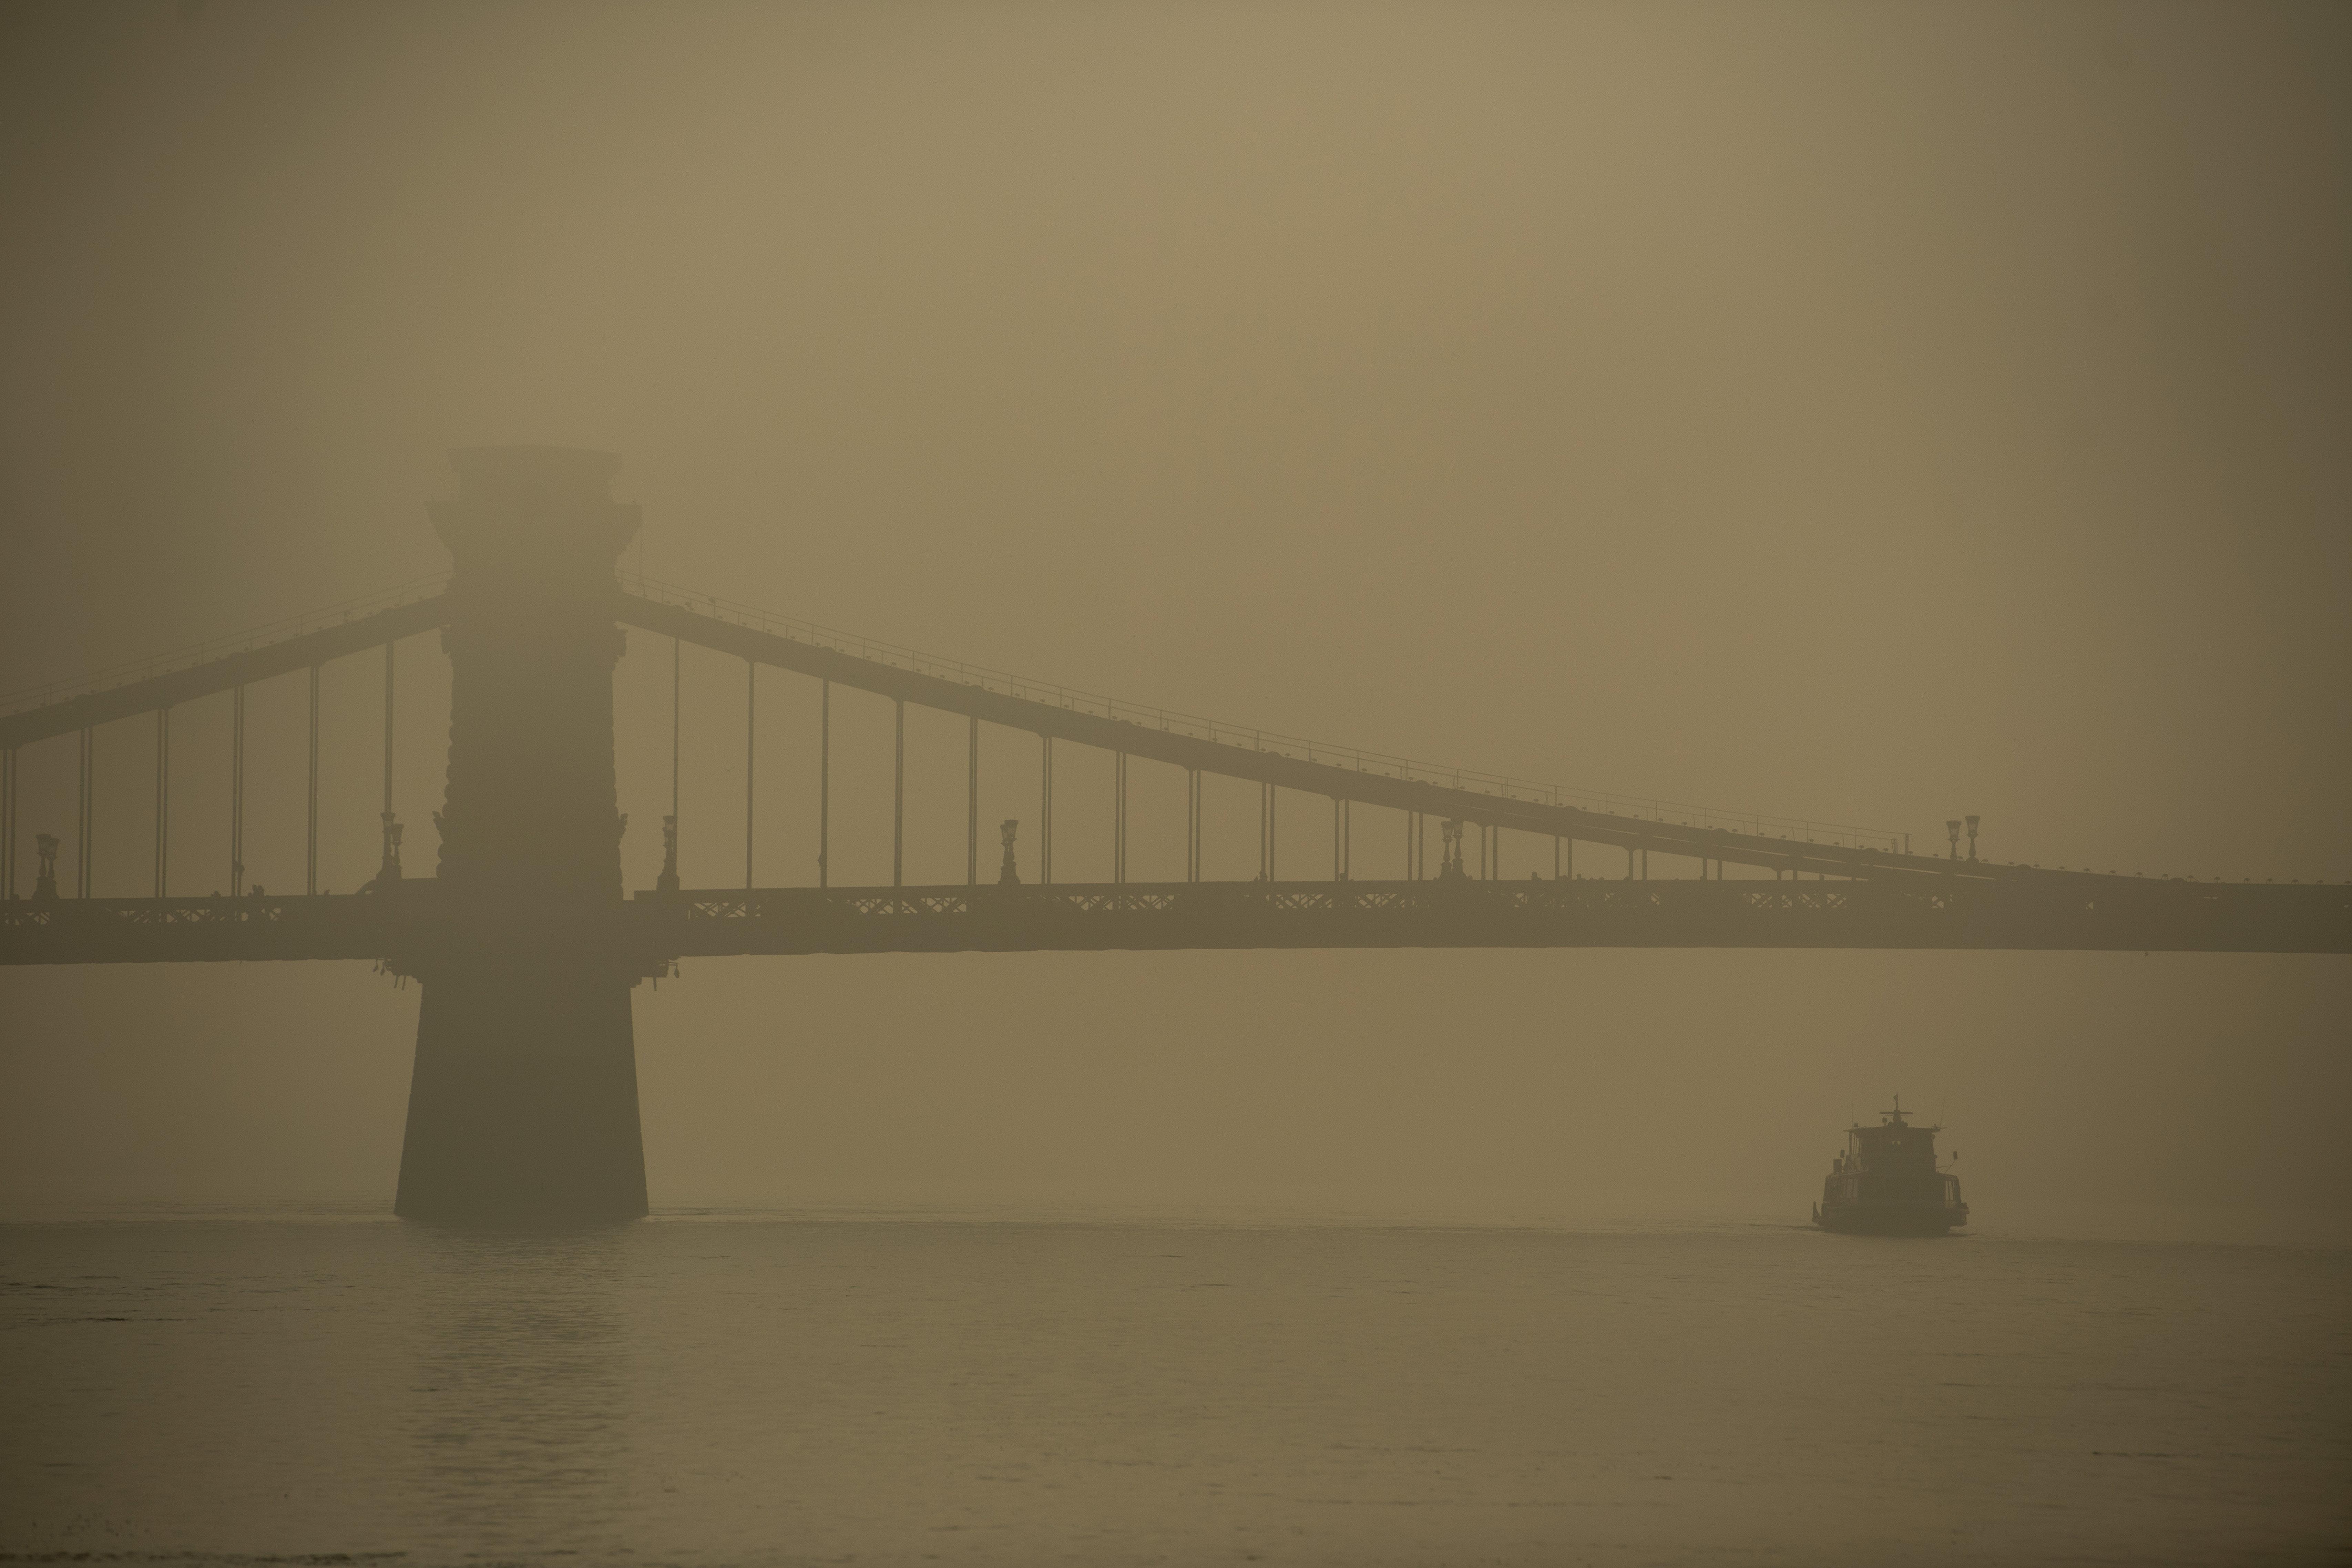 A magyarországi koronavírusos halálesetek negyede a légszennyezettségre vezethető vissza